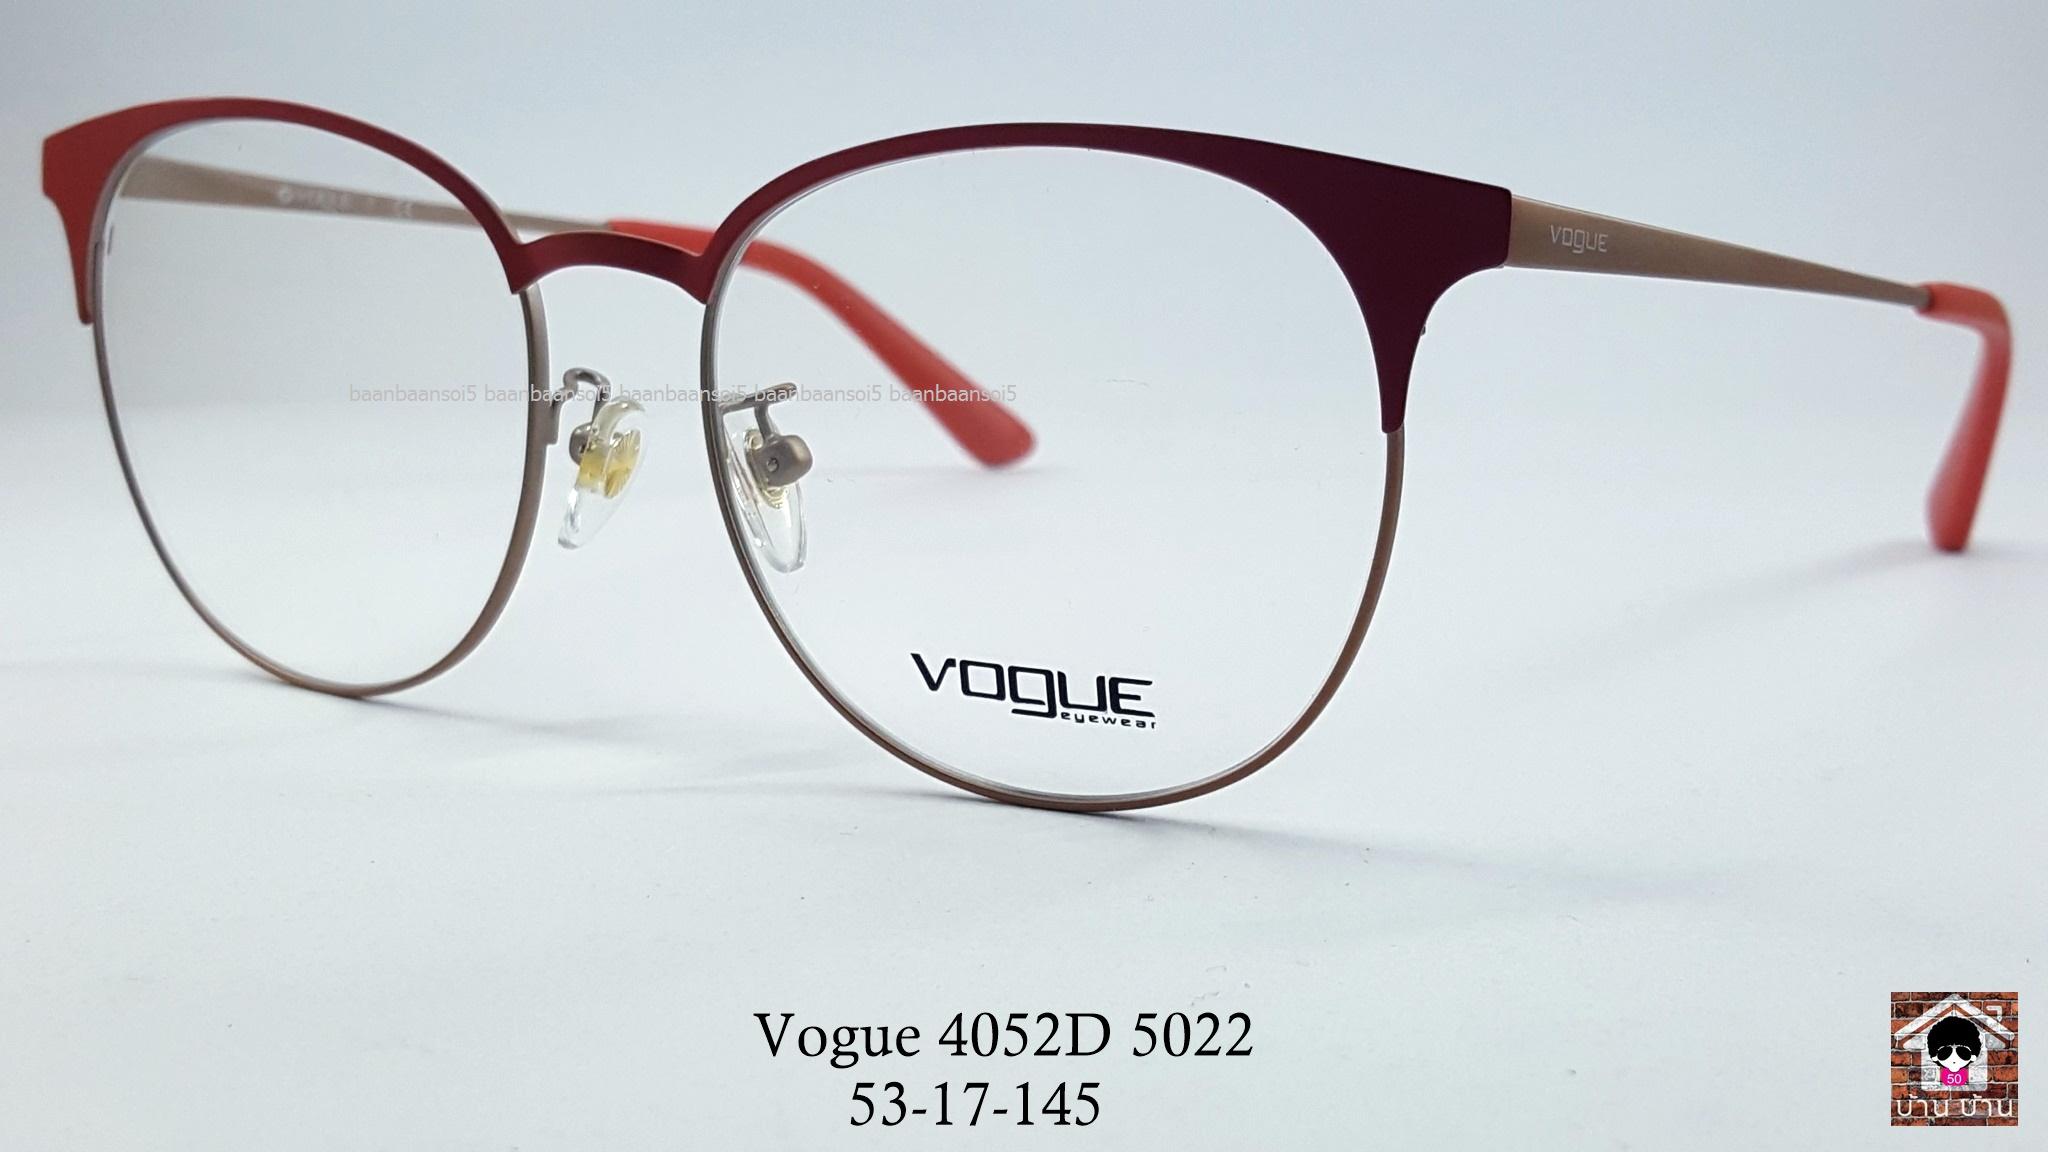 Vogue vo 4052D 5022 โปรโมชั่น กรอบแว่นตาพร้อมเลนส์ HOYA ราคา 2,900 บาท